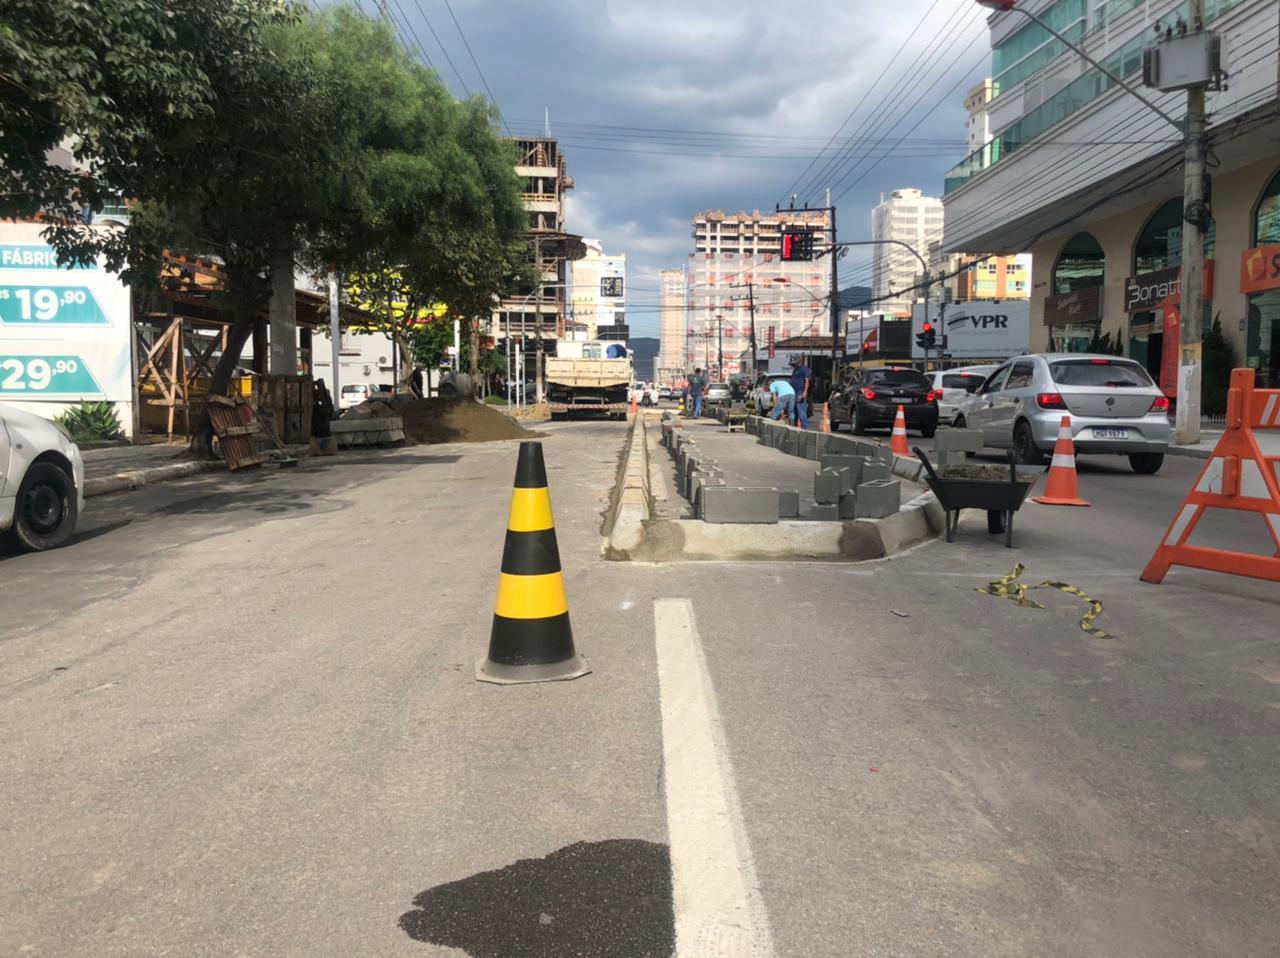 Obras em Itapema:  indicação do Vereador Léo Cordeiro para a instalação de um canteiro central, trará fluidez no trânsito